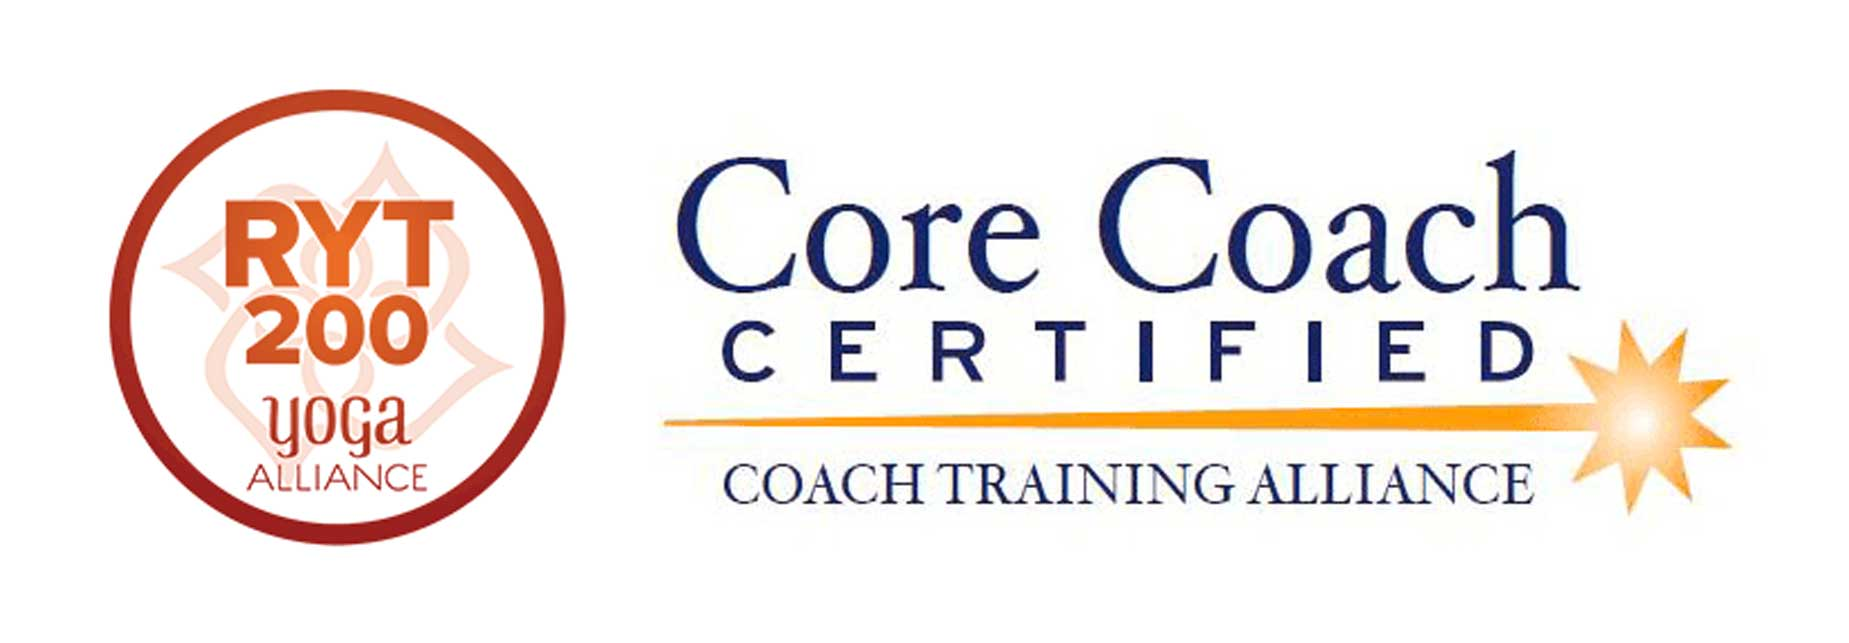 core-certified+ryk200.jpg